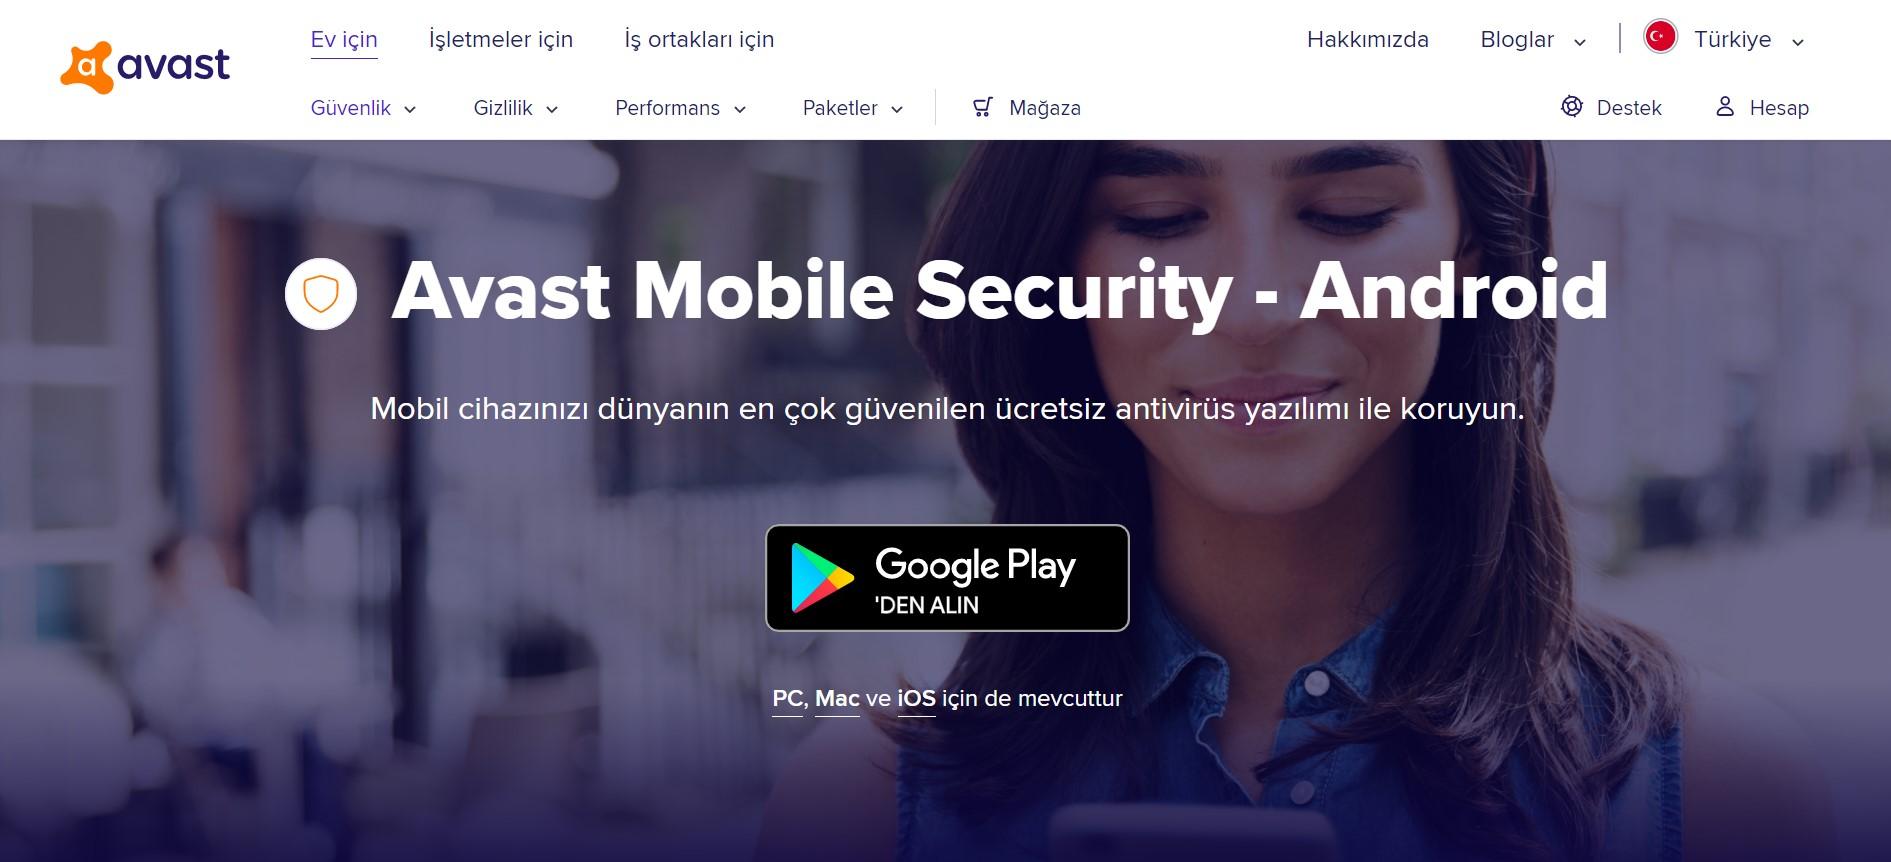 Avast web sayfası